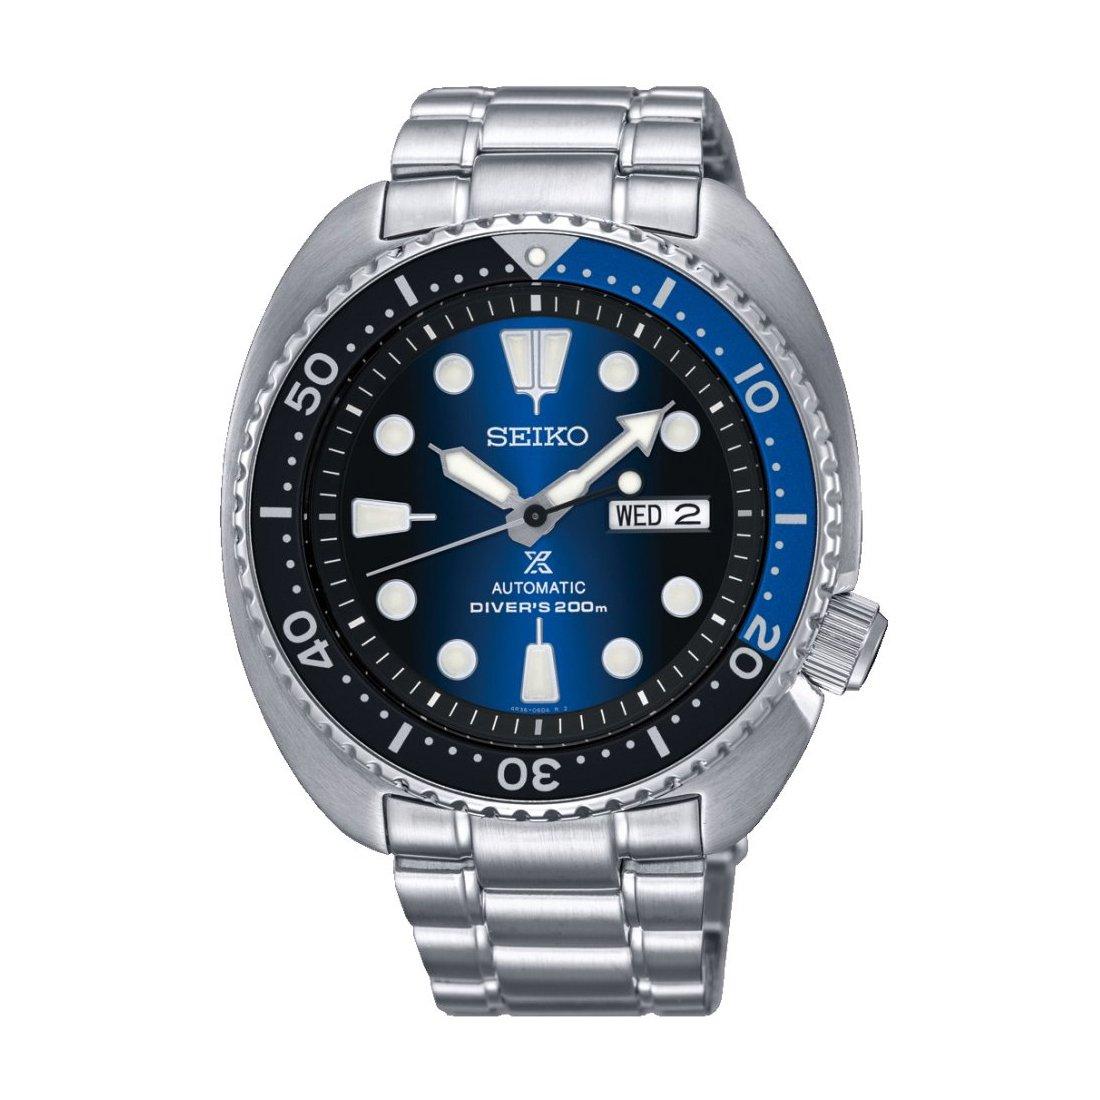 Montre Seiko Prospex Diver's automatique SRPC25K1